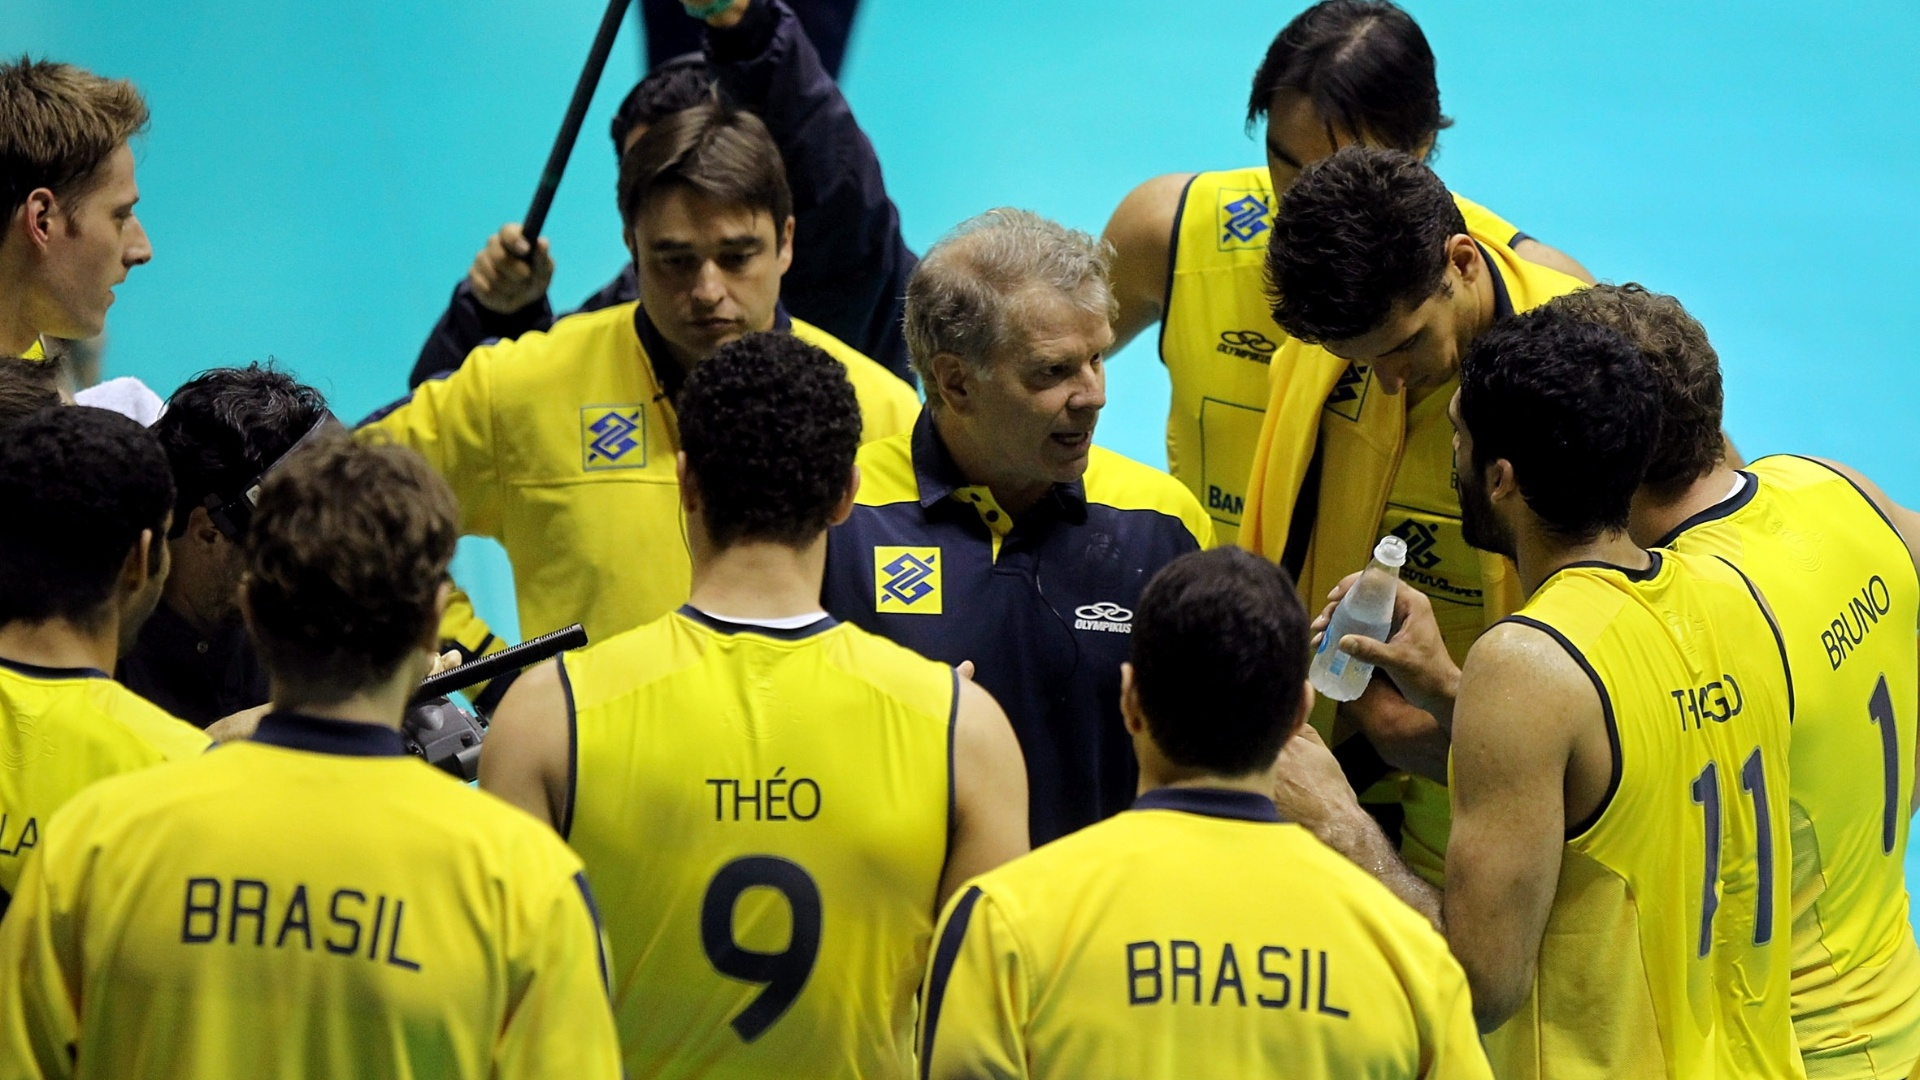 Equipe brasileira durante tempo técnico na partida entre Brasil e Canadá pela Liga Mundial de Vôlei